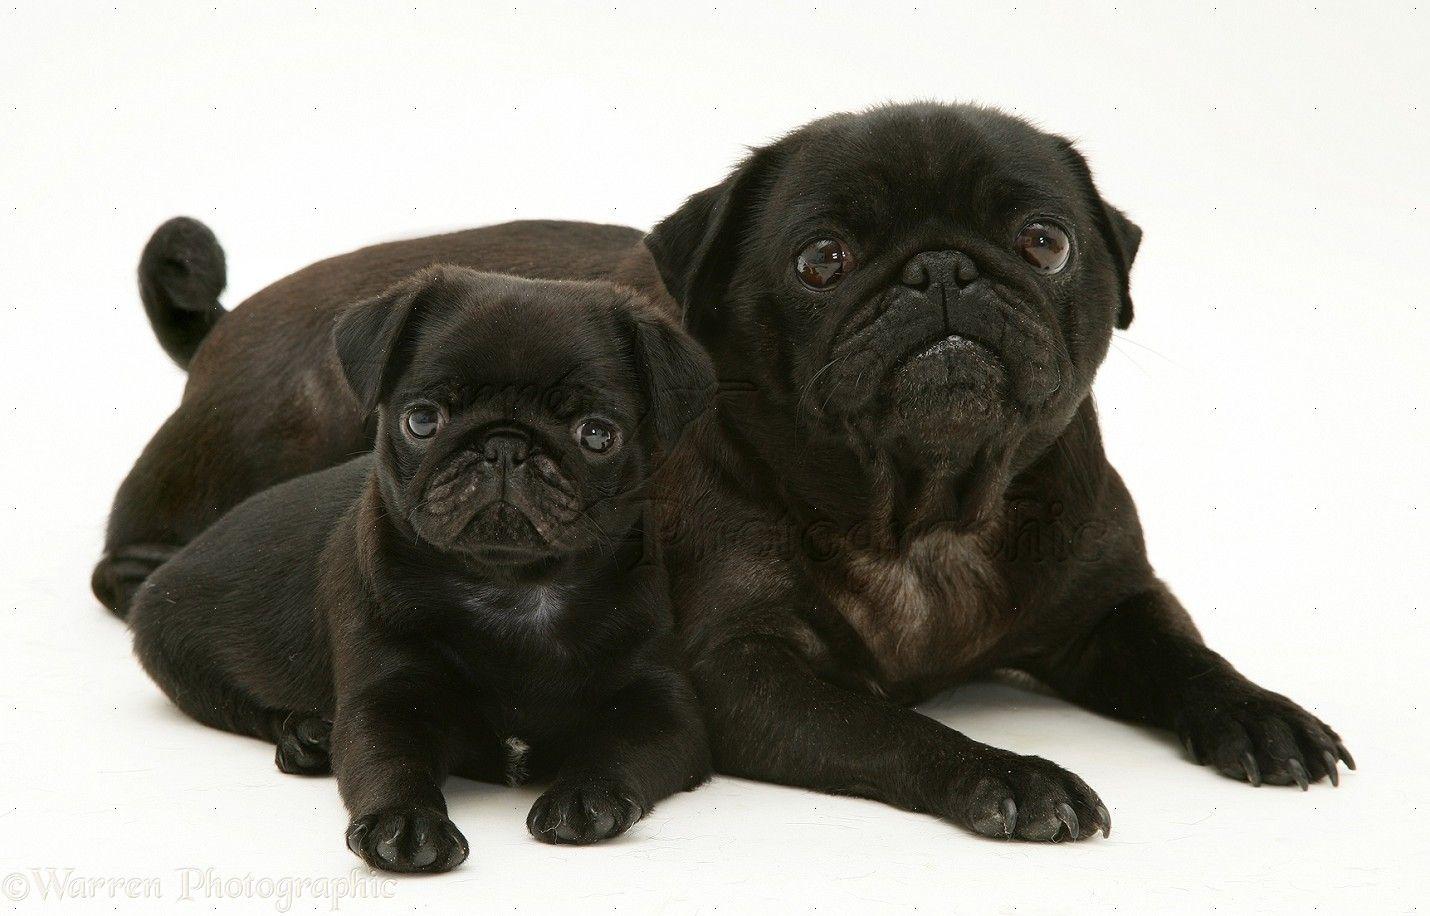 Adult Black Pug Black Pug Puppies